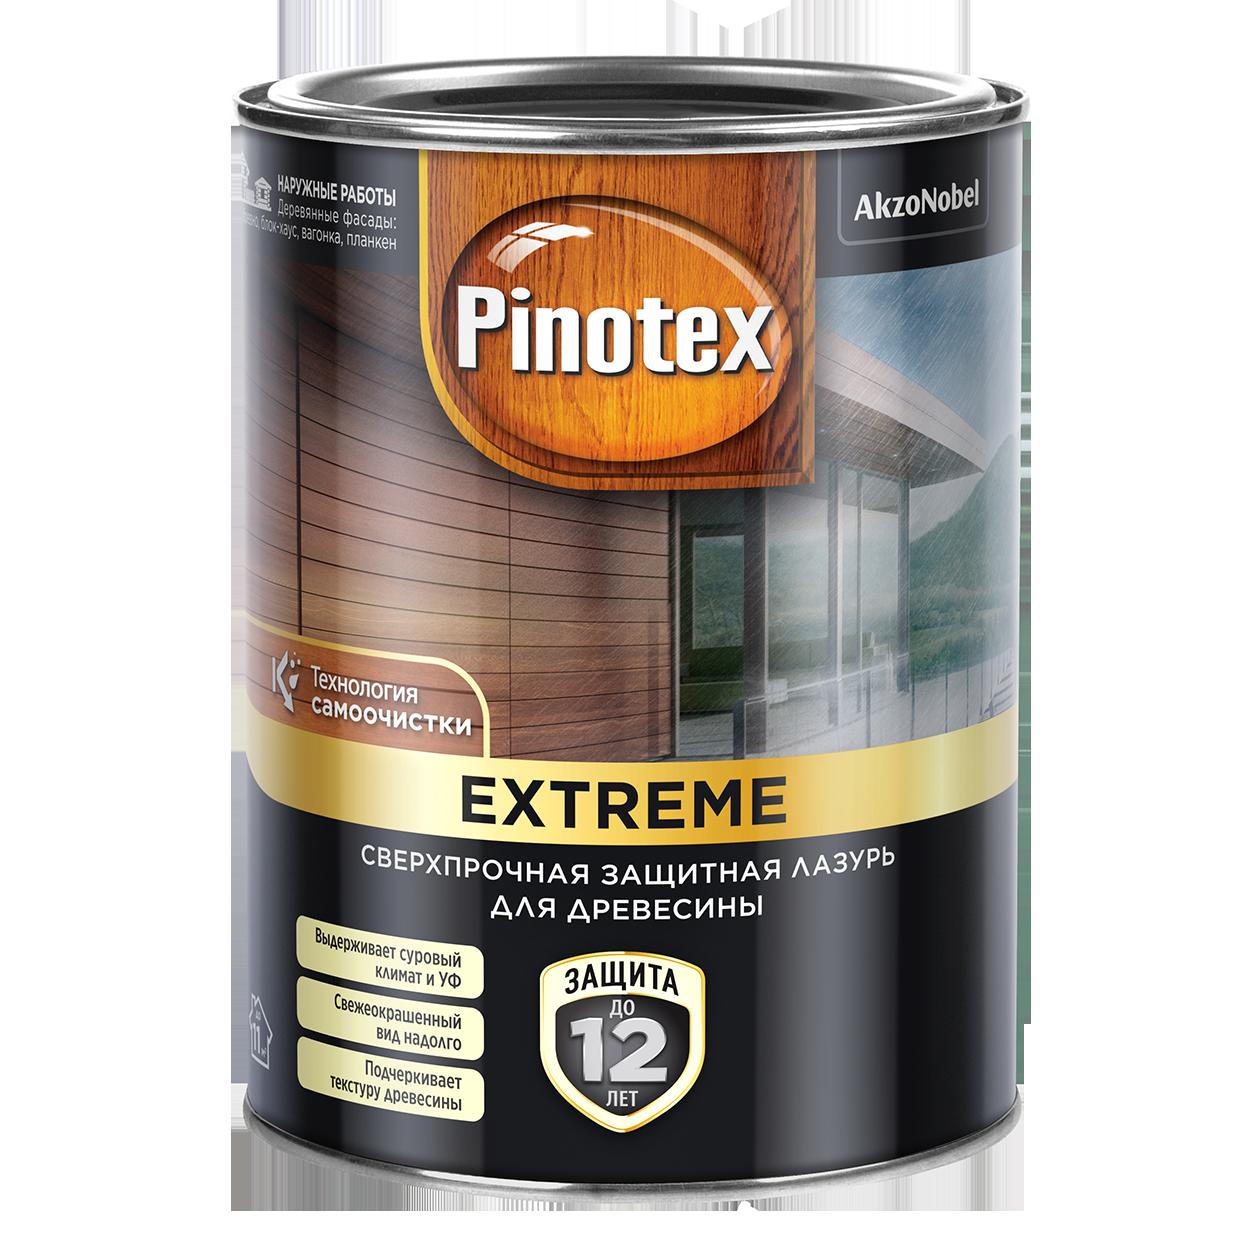 Pinotex Extreme